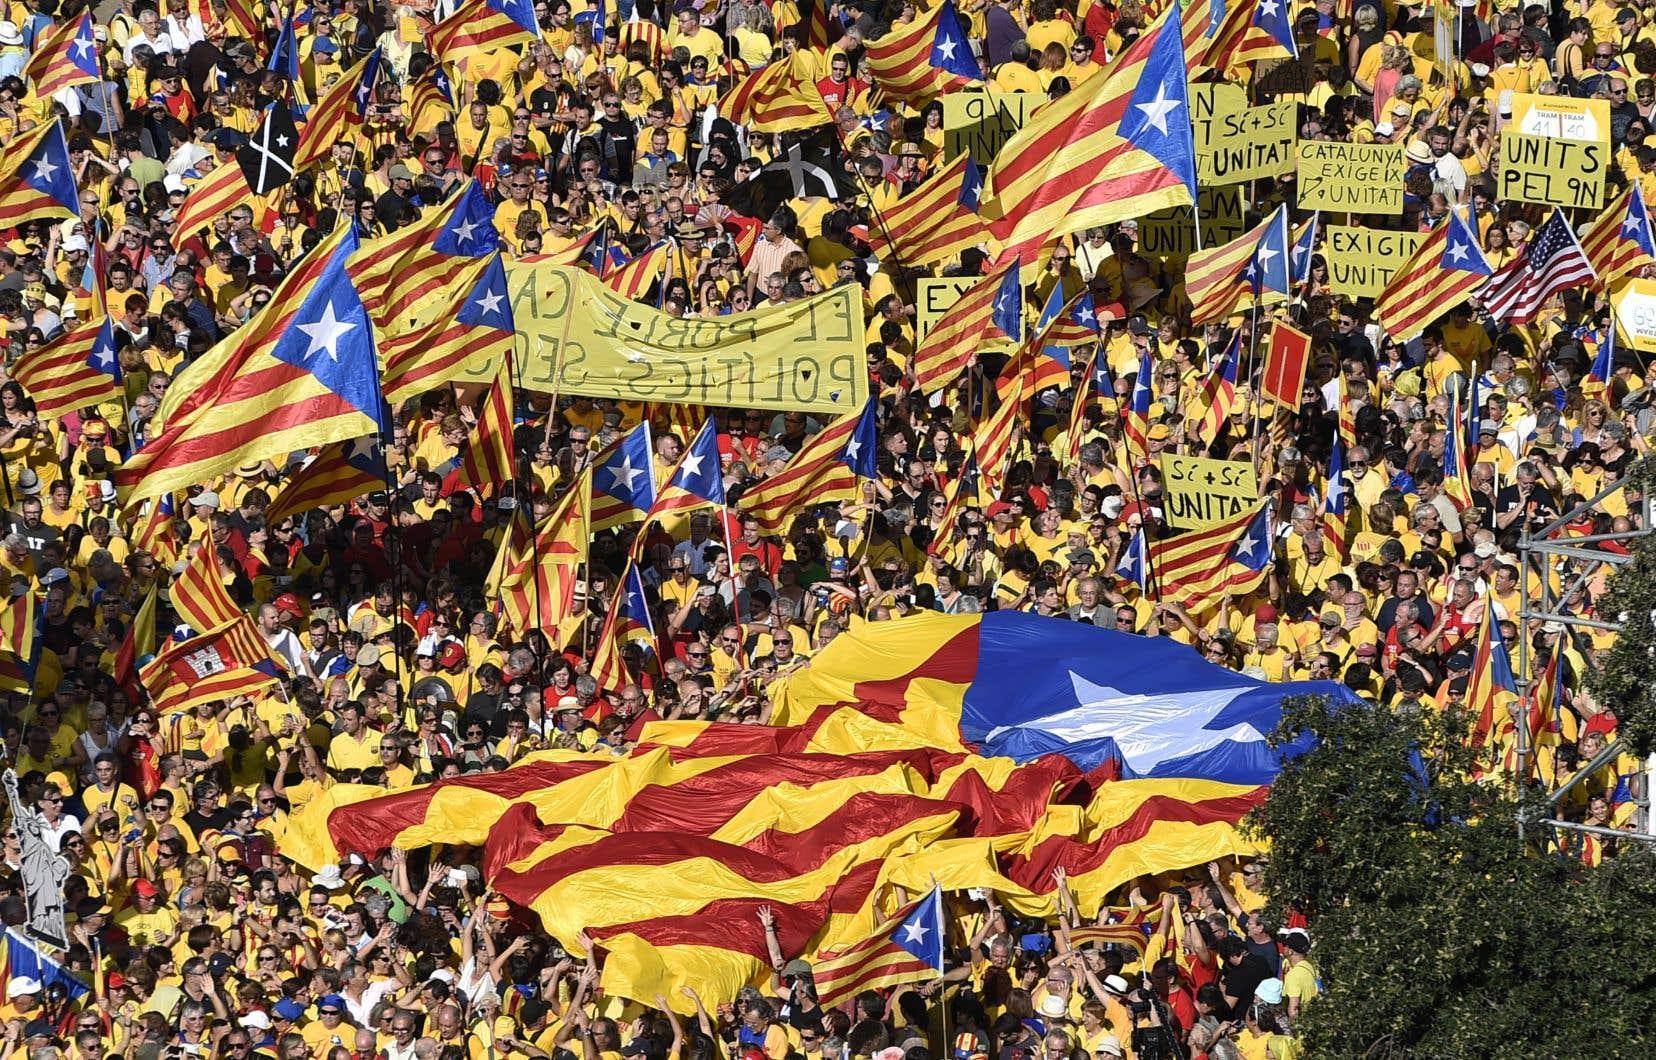 «L'indépendantisme catalan a connu une croissance vertigineuse au cours des quinze dernières années, passant d'une option obtenant 15% d'appui à près de 50%», écrit l'auteur.